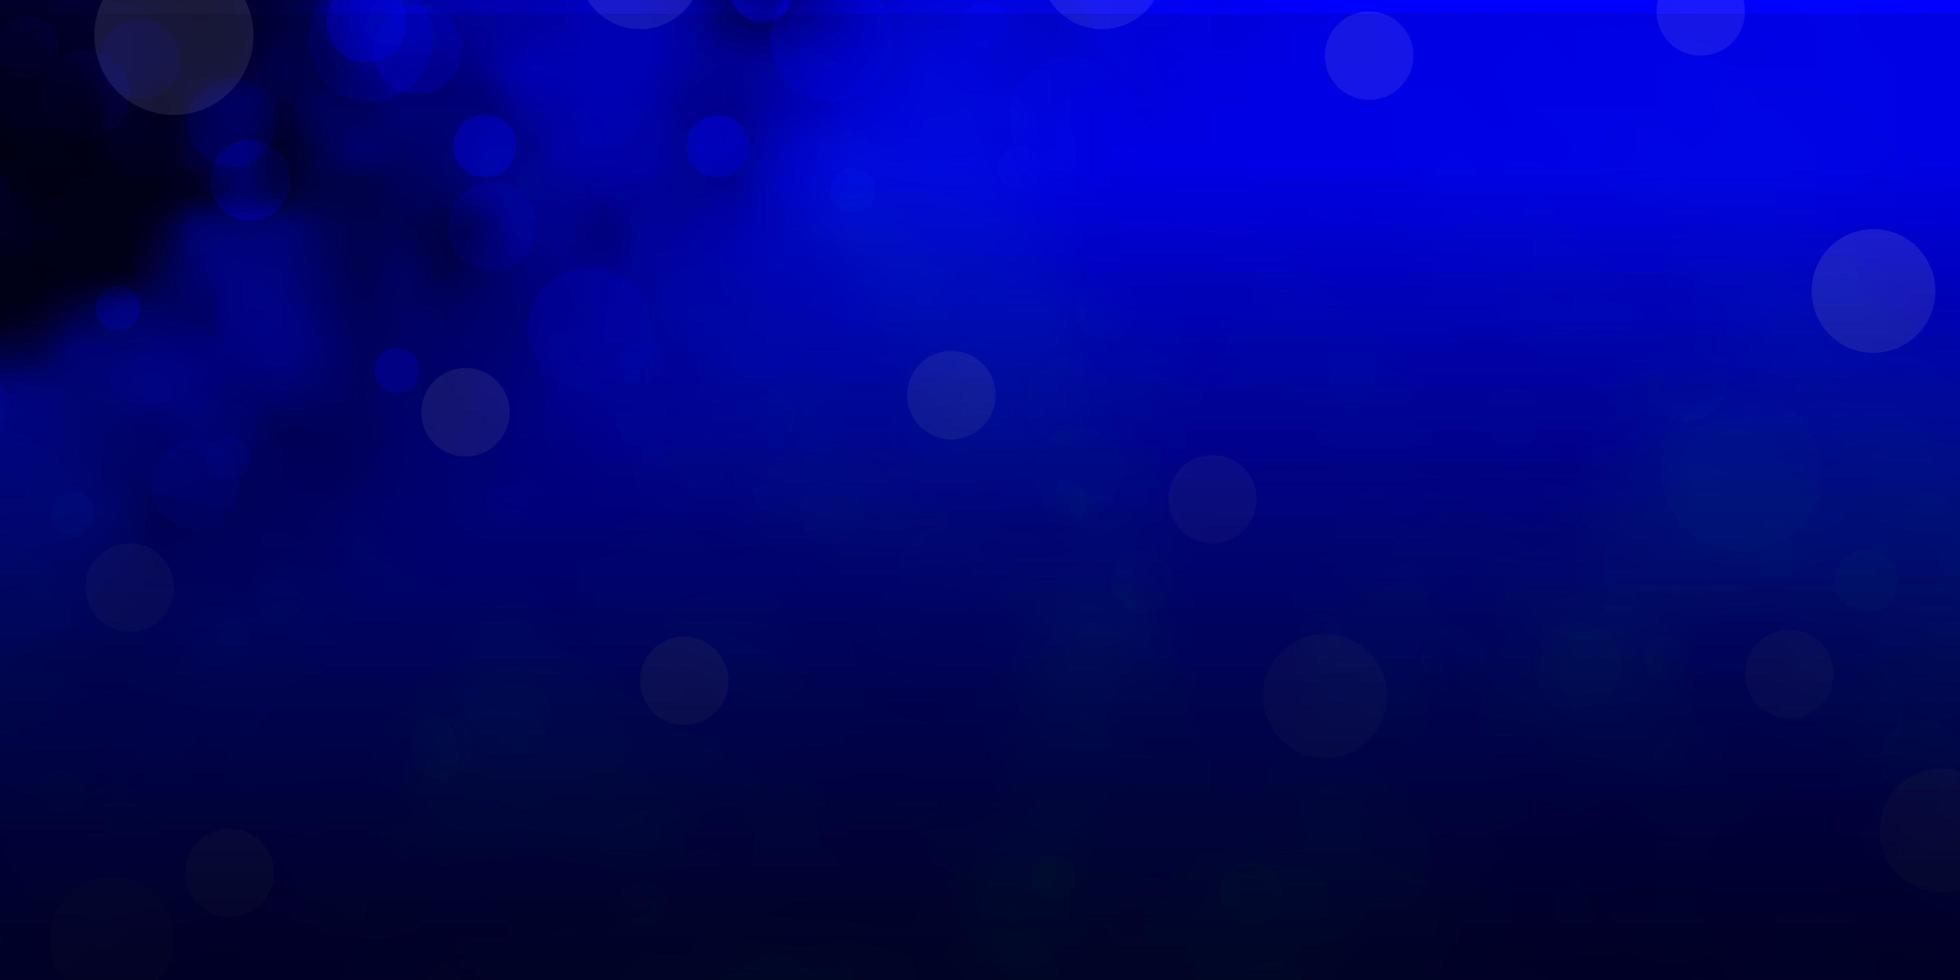 fond de vecteur bleu foncé avec des bulles.